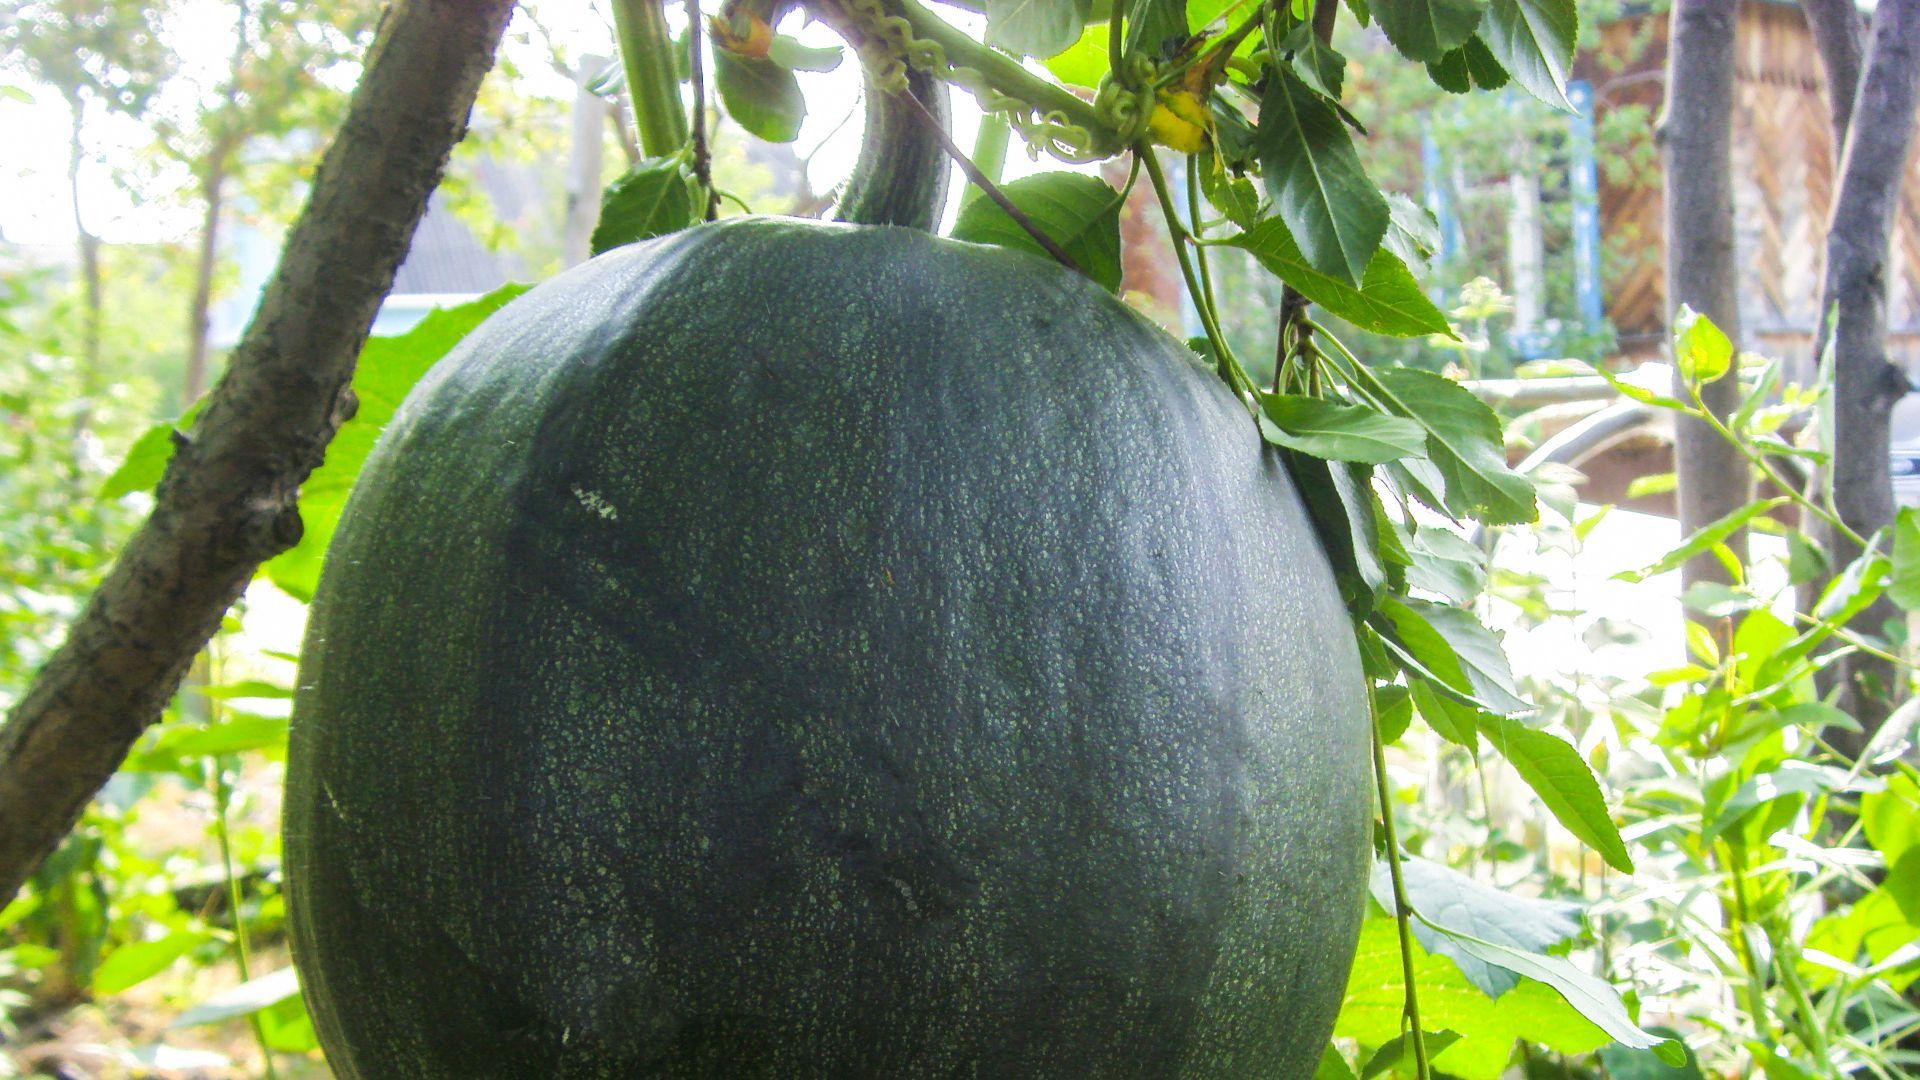 Cocomero gigante